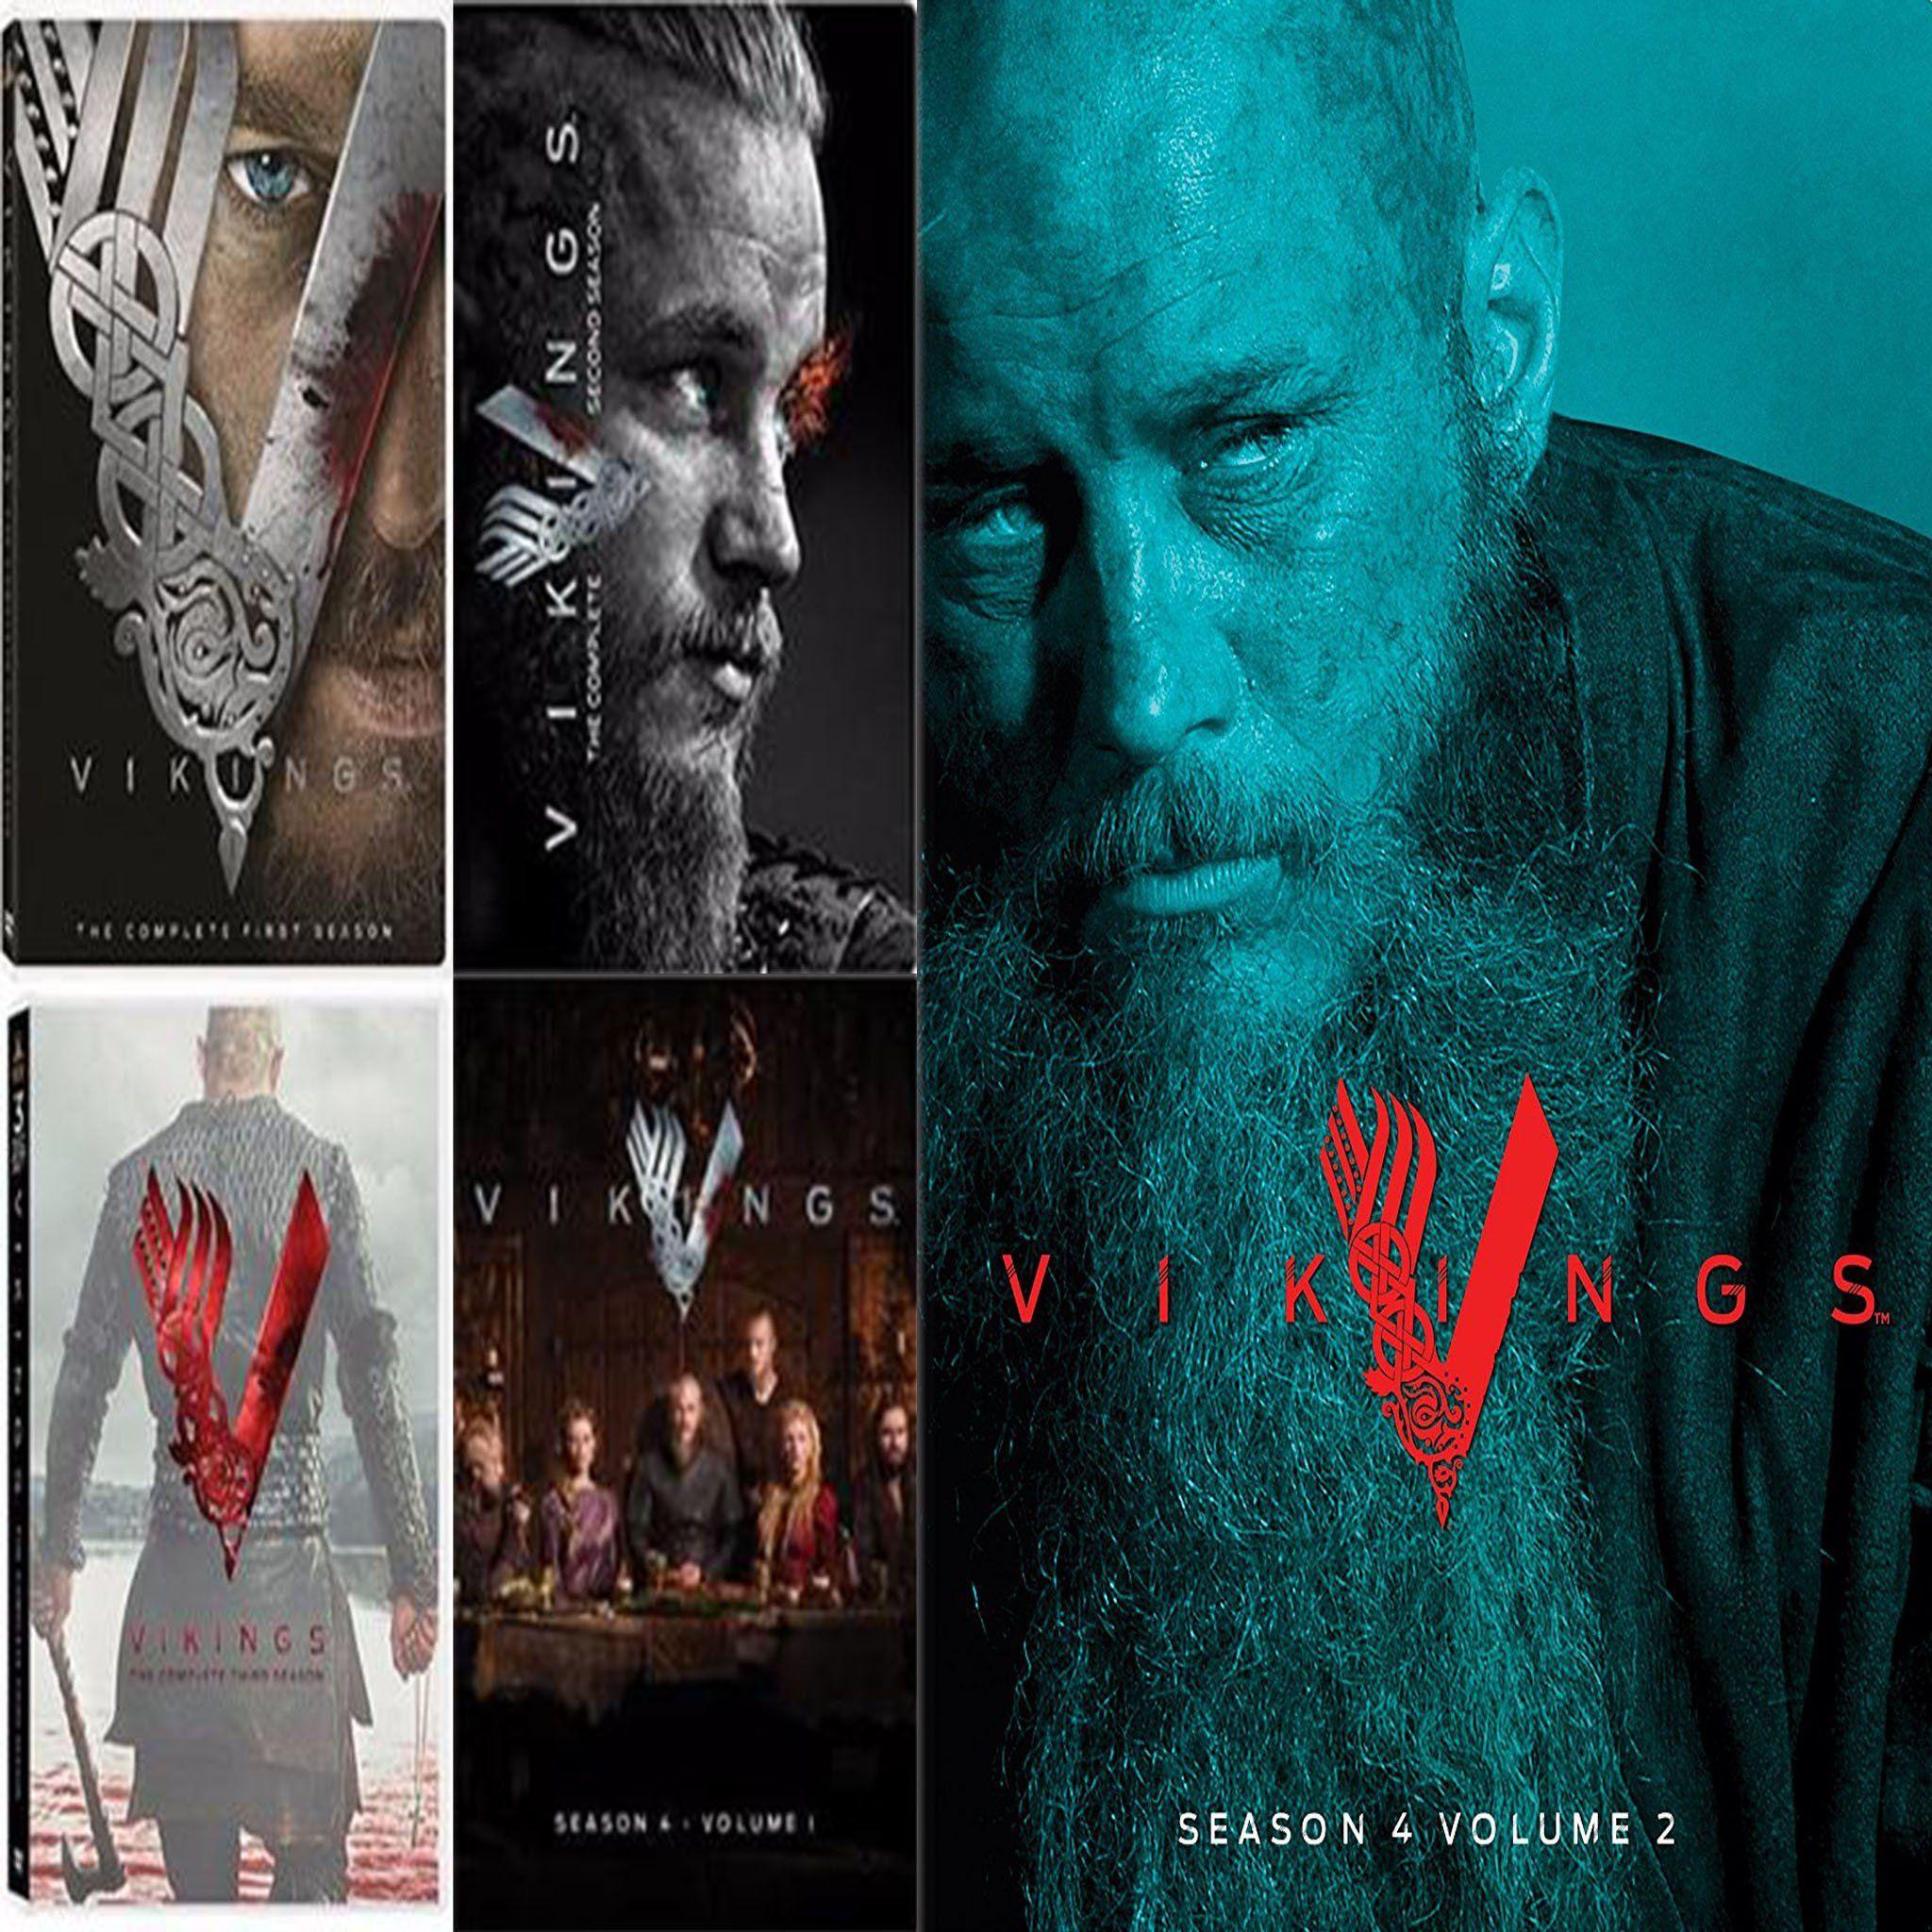 Vikings DVD Series Seasons 1-5 Set | Products | Vikings